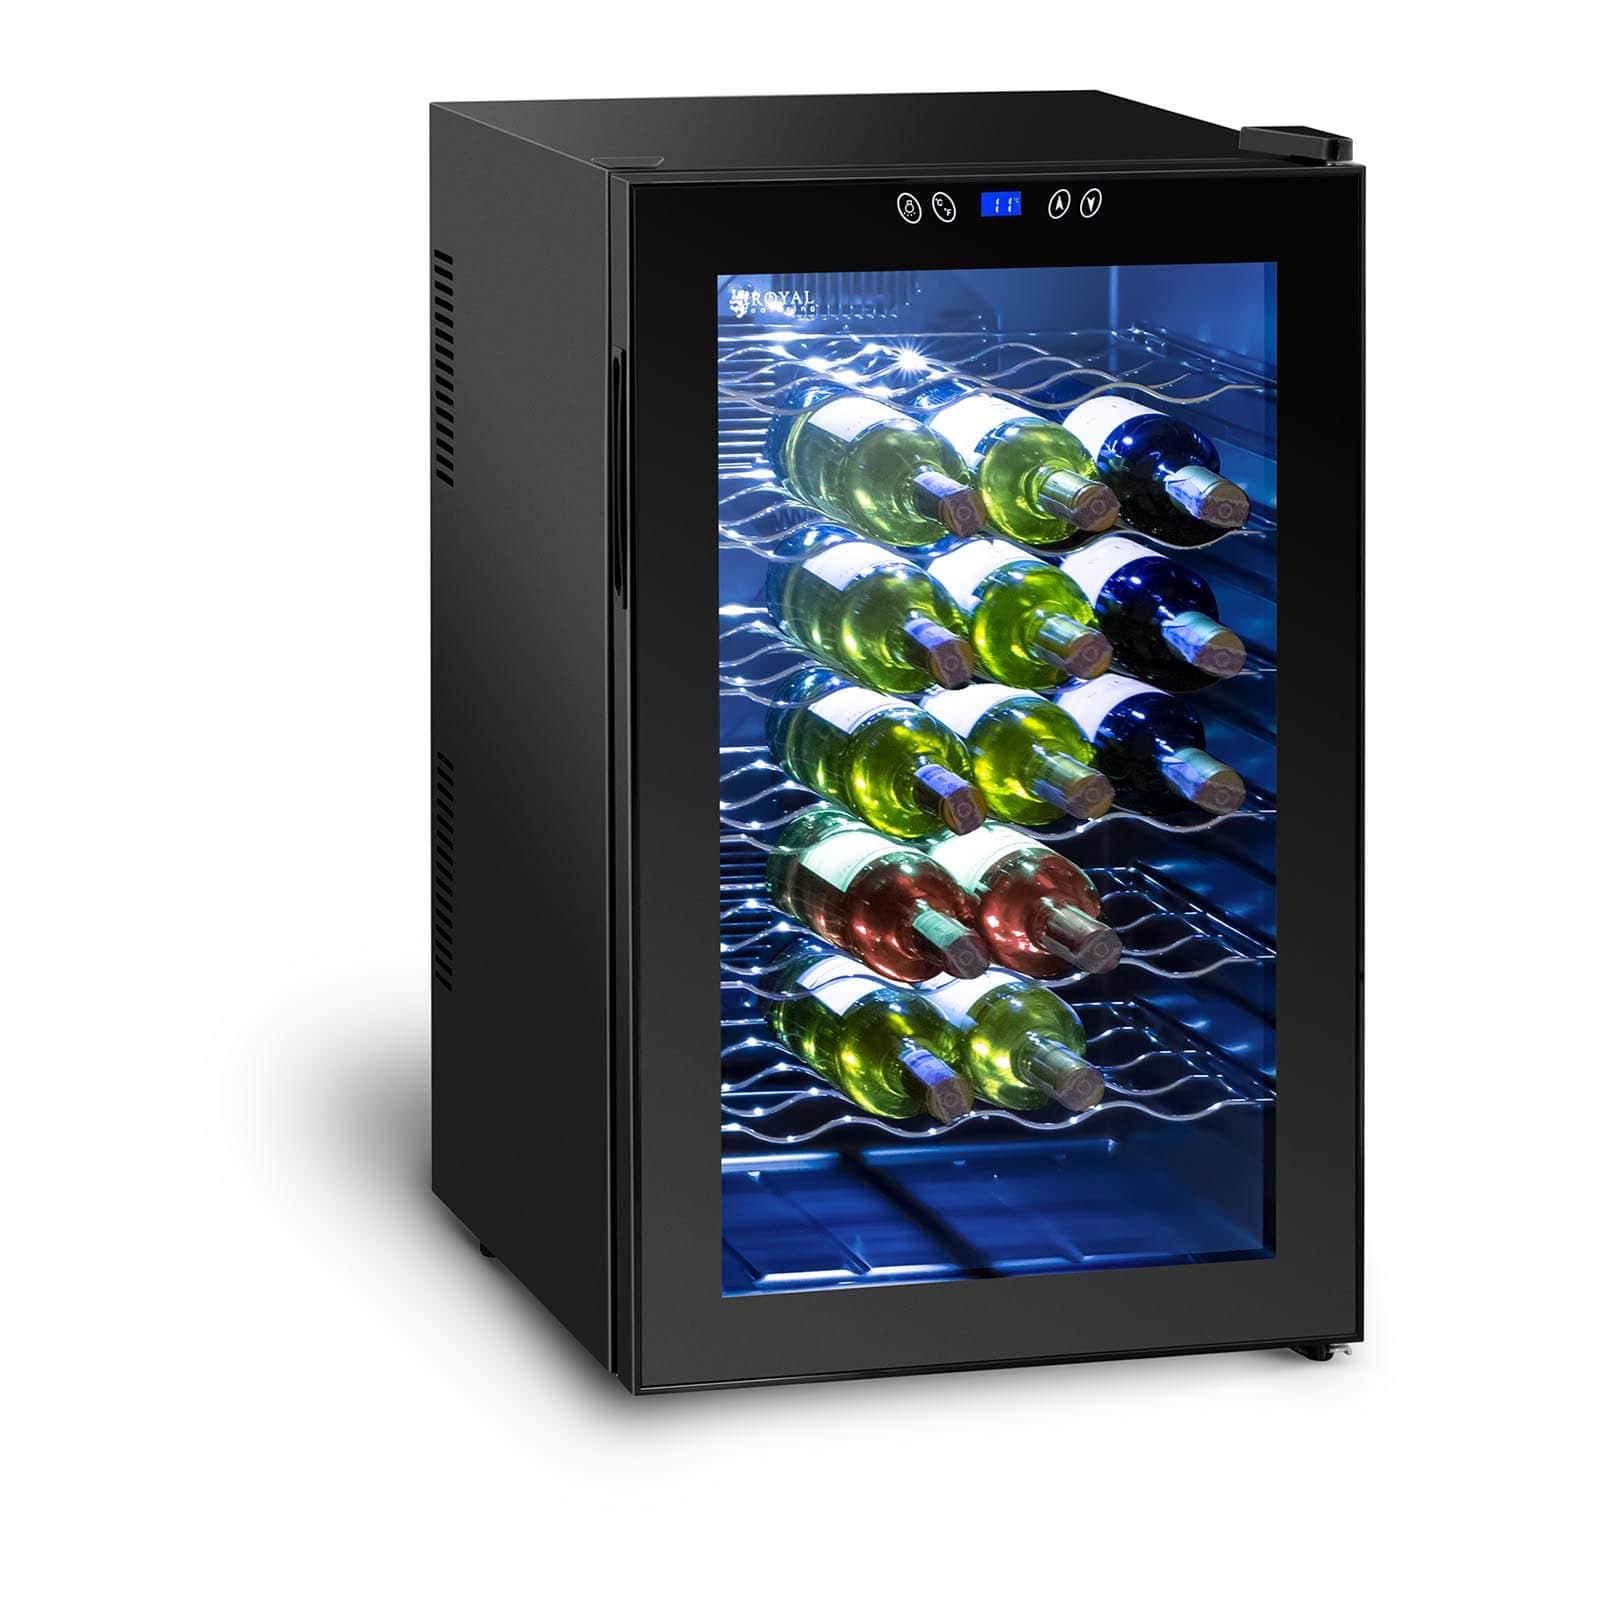 Bar-køleskabe